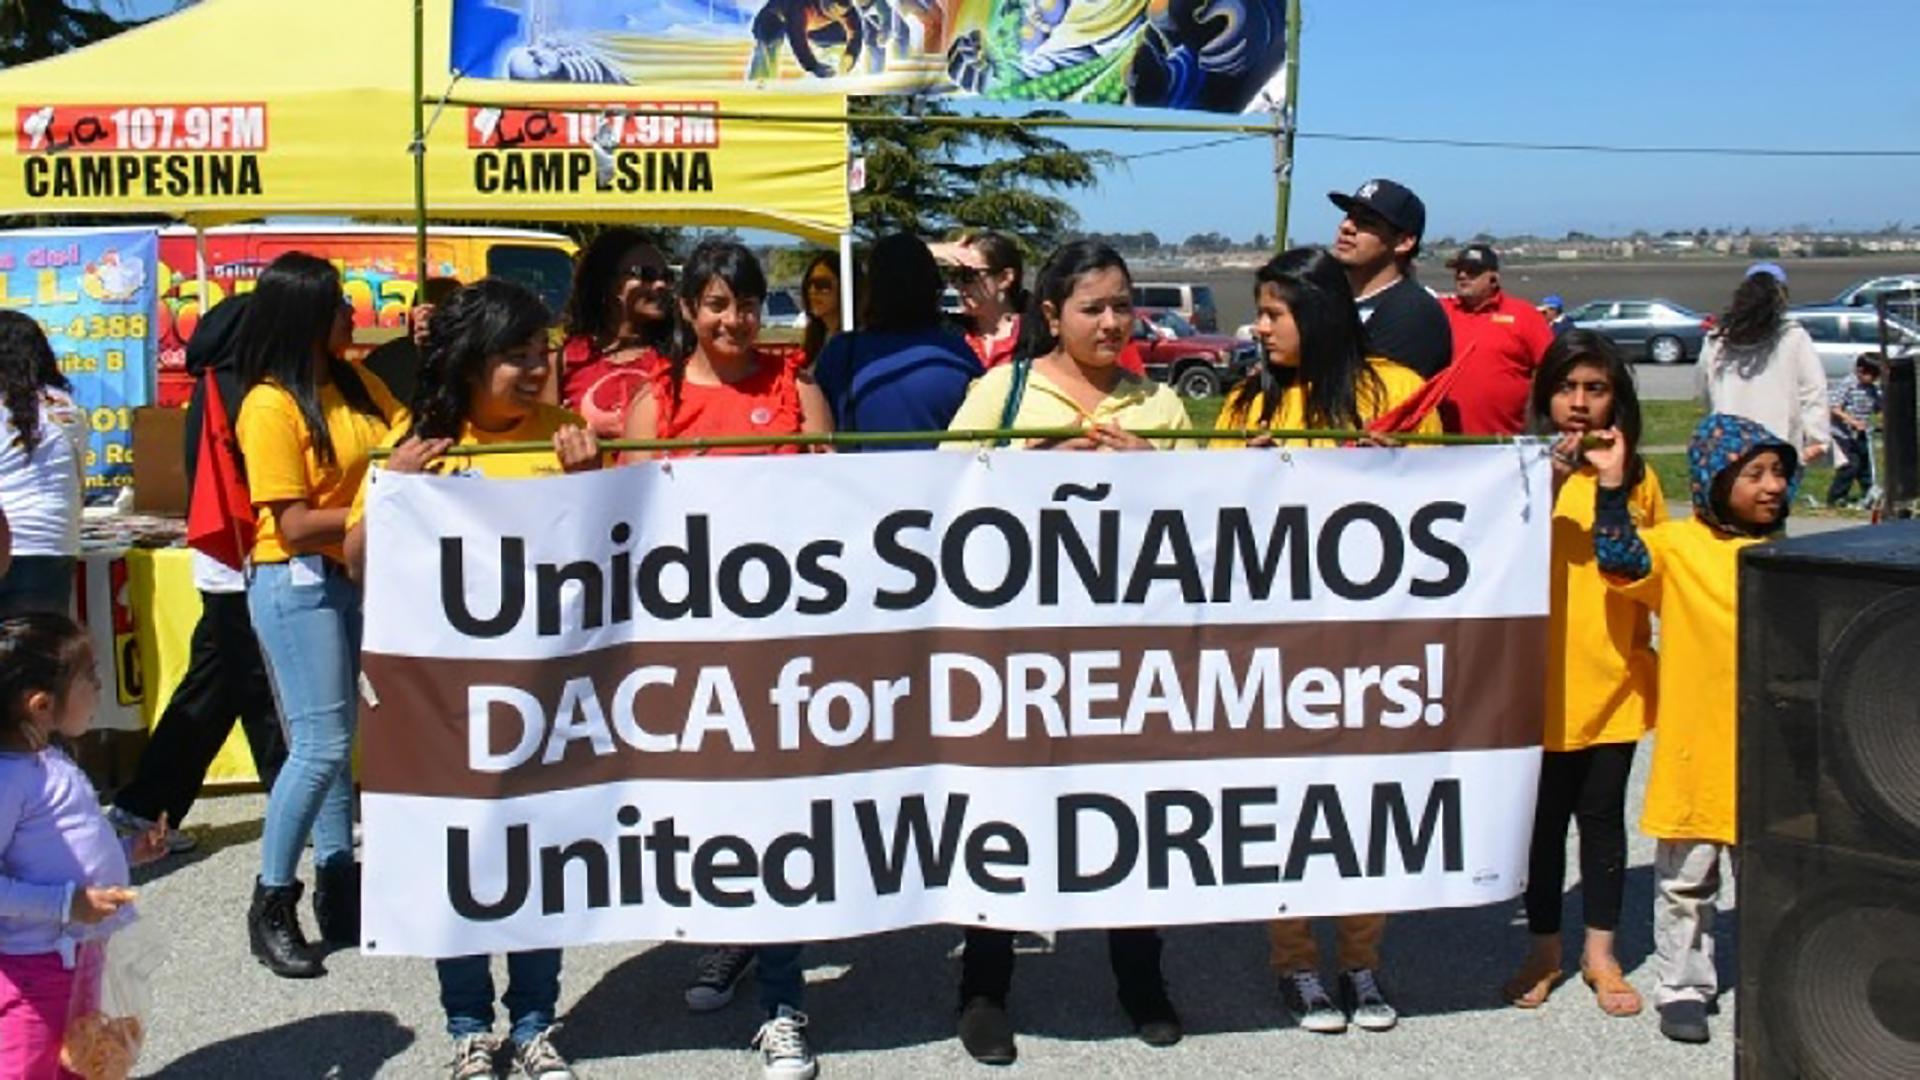 Los demócratas buscan financiación del gobierno para proteger a los dreamers afectados por la derogación de DACA.